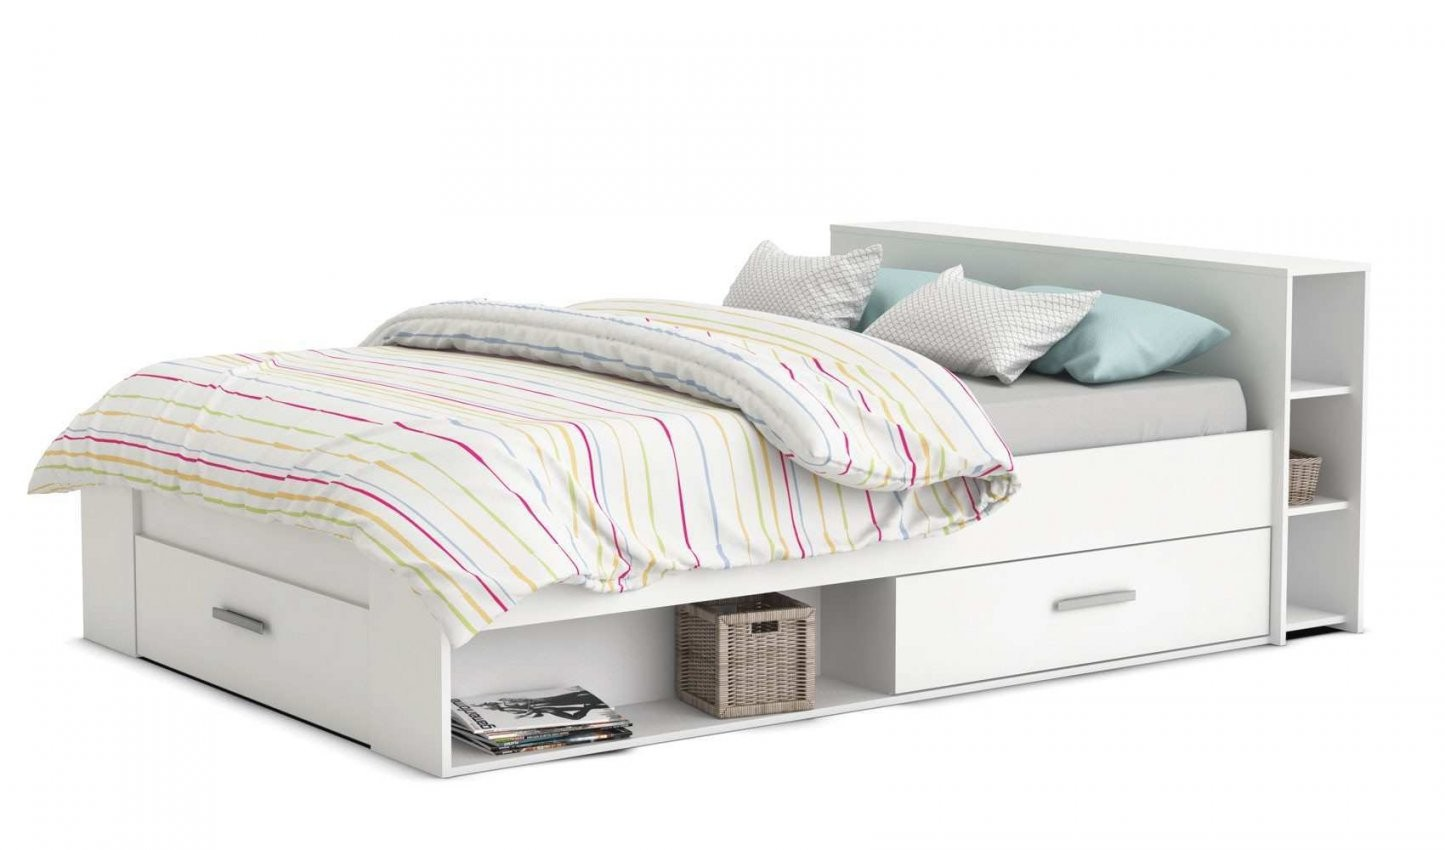 Roller Betten 90×200 Option Für Ihre Futon Matratze Schweiz 120×200 von Bett 120X200 Roller Bild